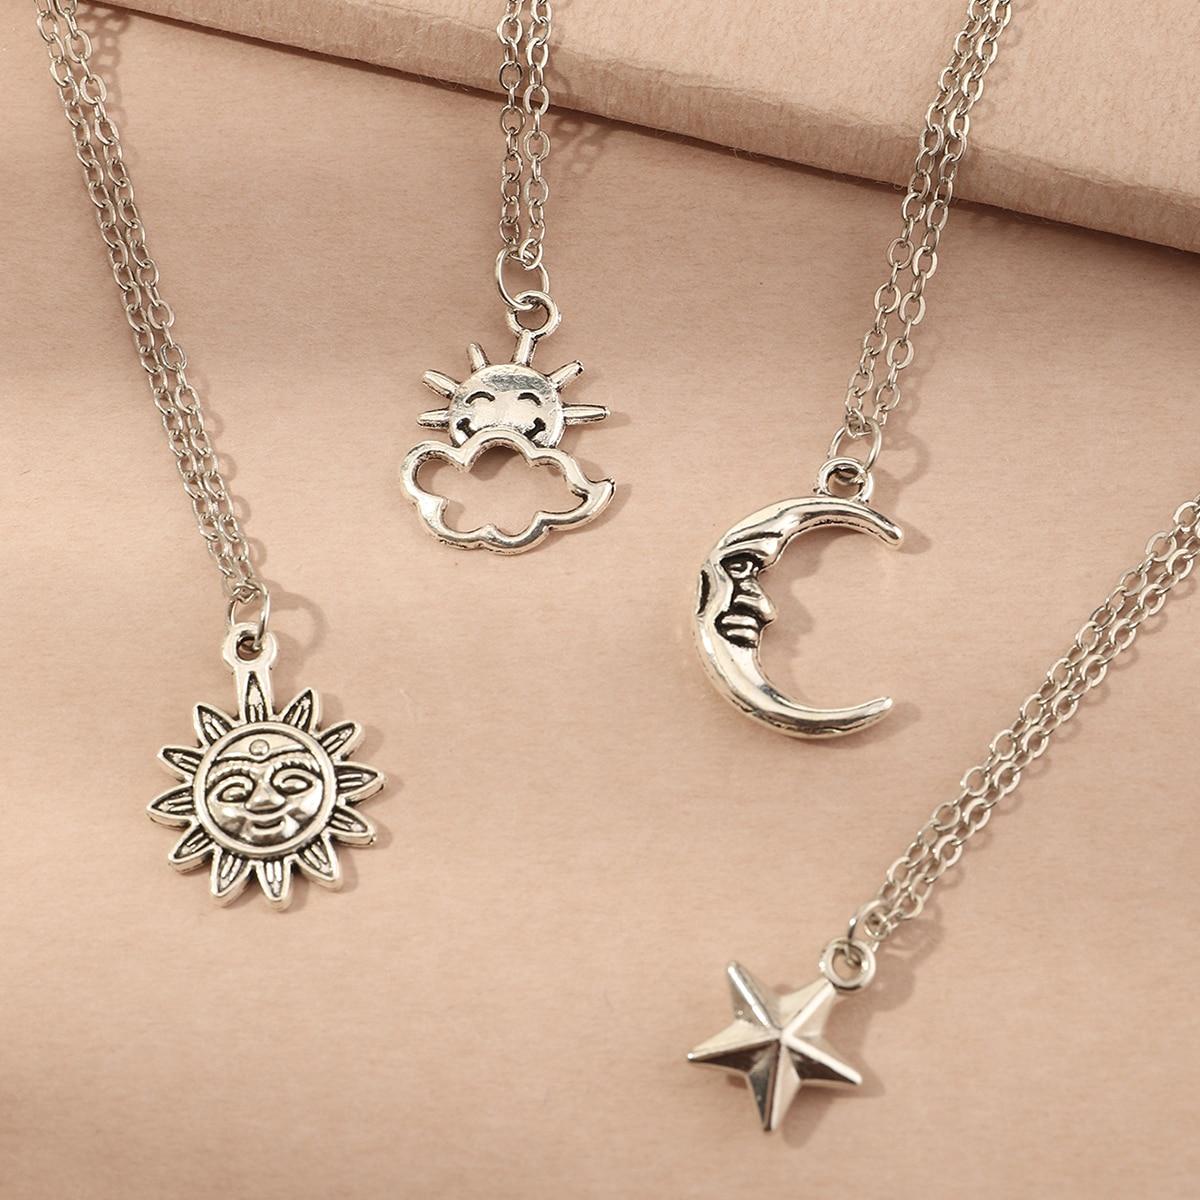 SHEIN / 4 Stücke Mädchen Halskette mit Stern Anhänger